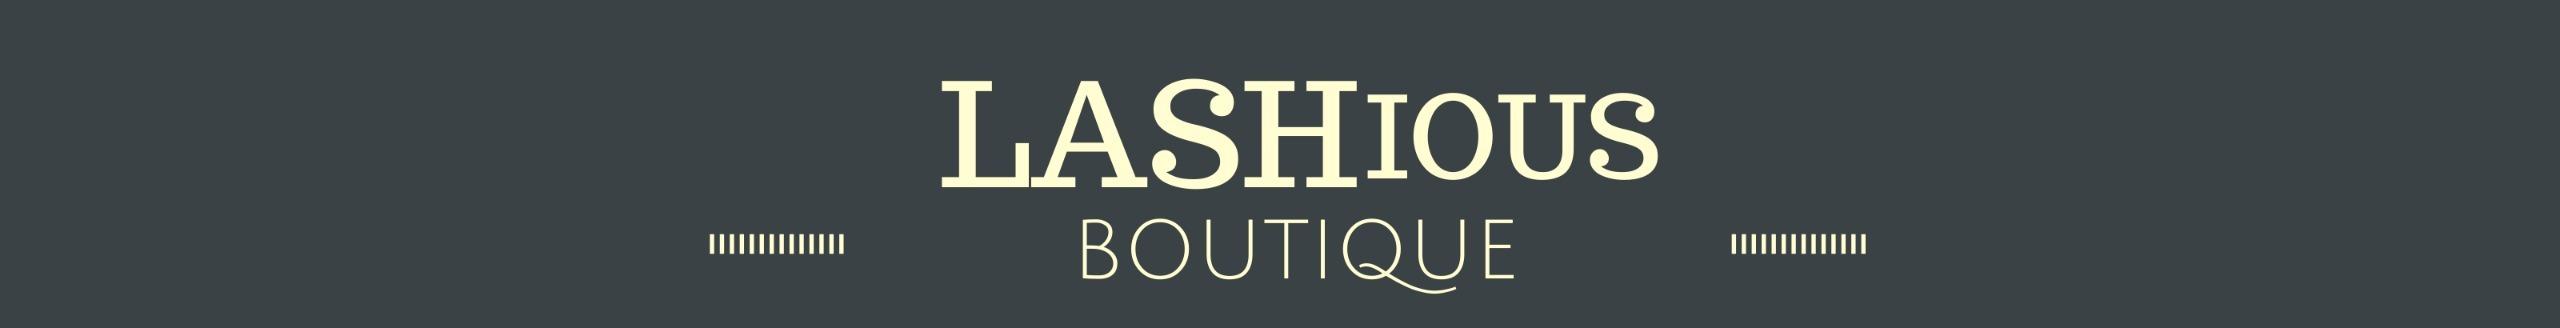 Lashious Boutique (@lashiousboutique) Cover Image